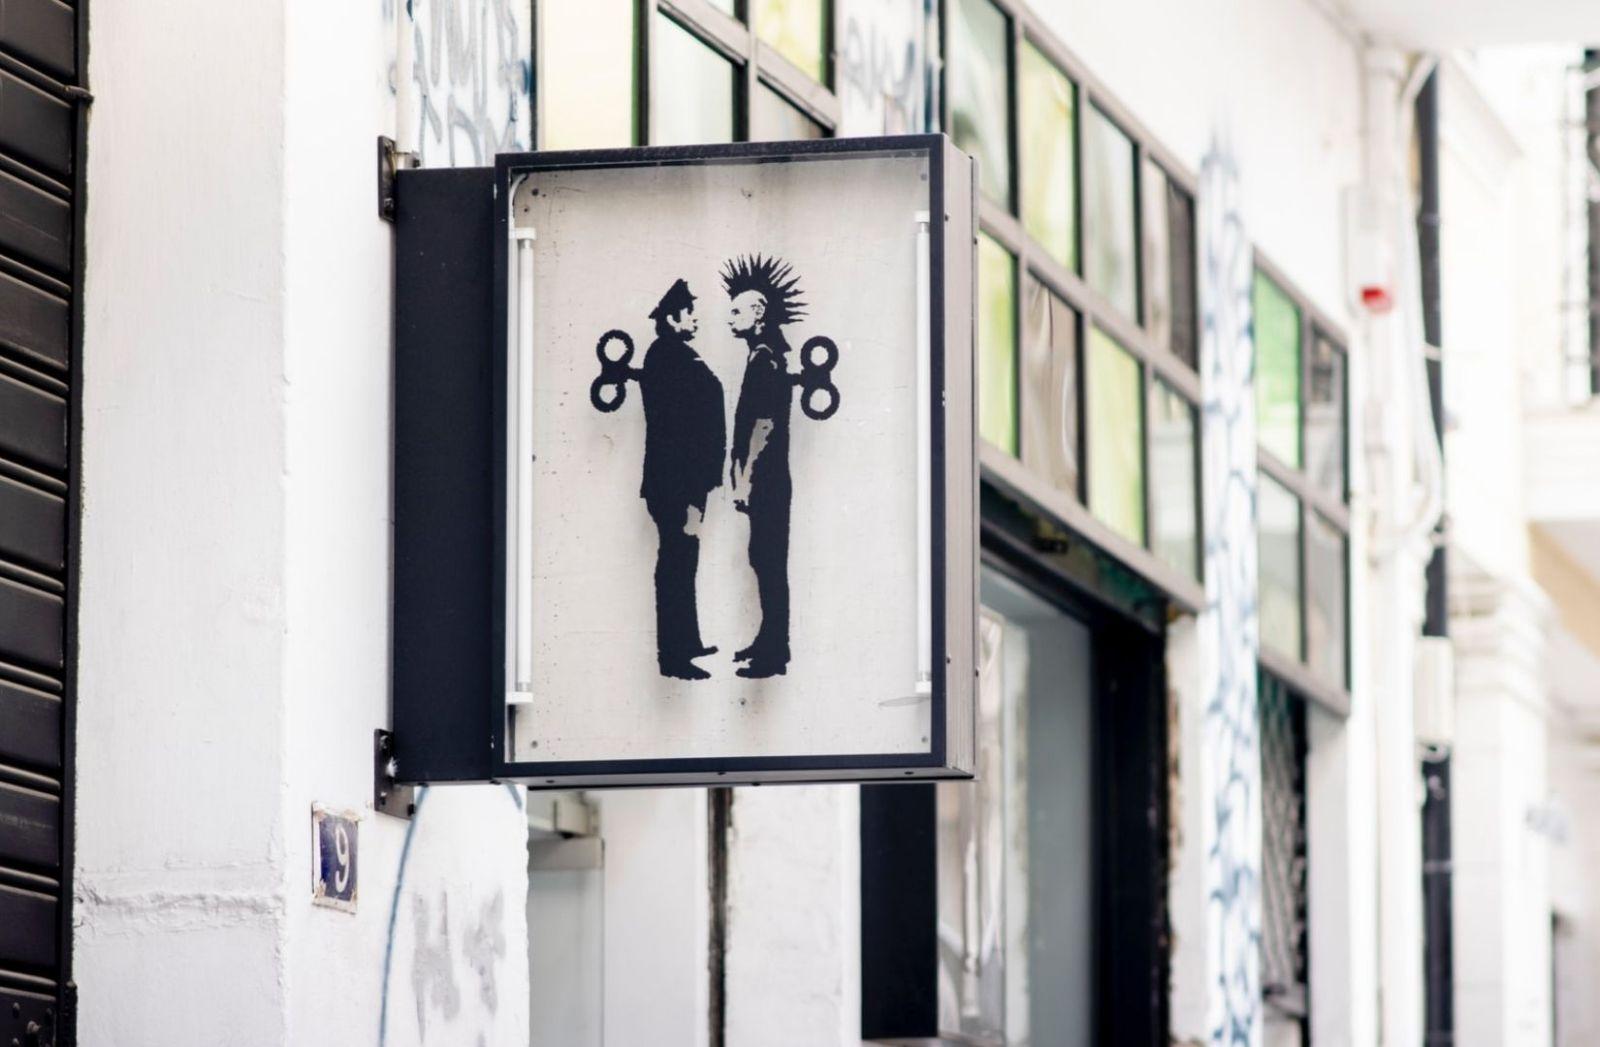 Rebellion oder Untergang symbolisch vereint. (Foto: Laura Adai, Unsplash.com)